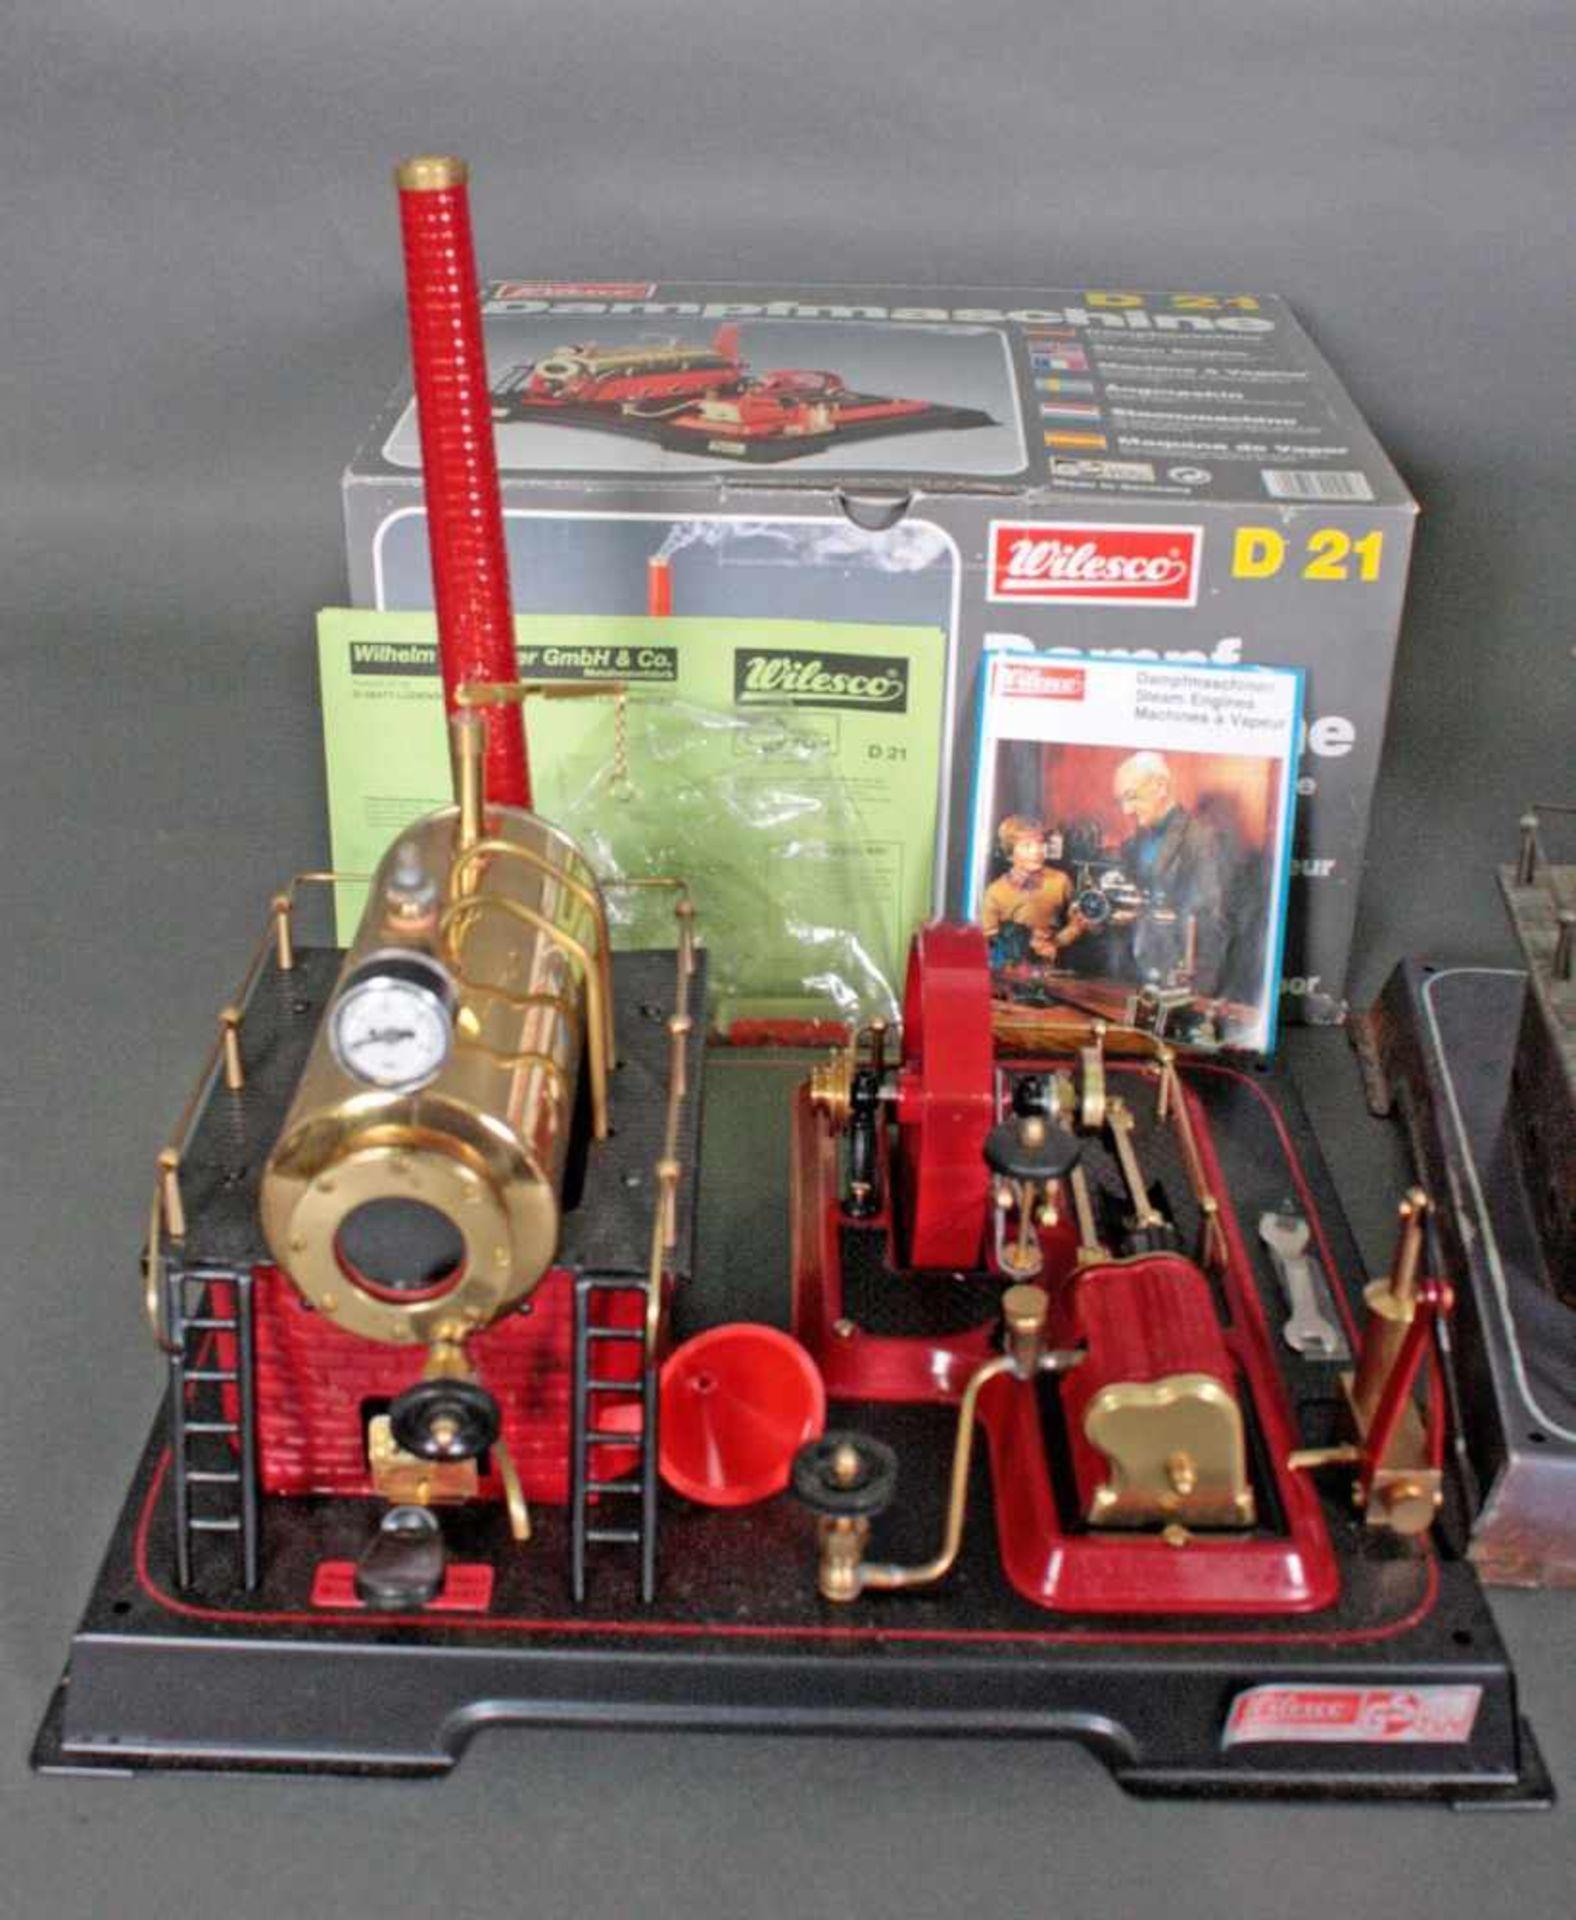 Konvolut WilescoDabei D 20 und D 21 Dampfmaschinen, M 70 Karussell mit Gondeln, M 74 - Bild 2 aus 3